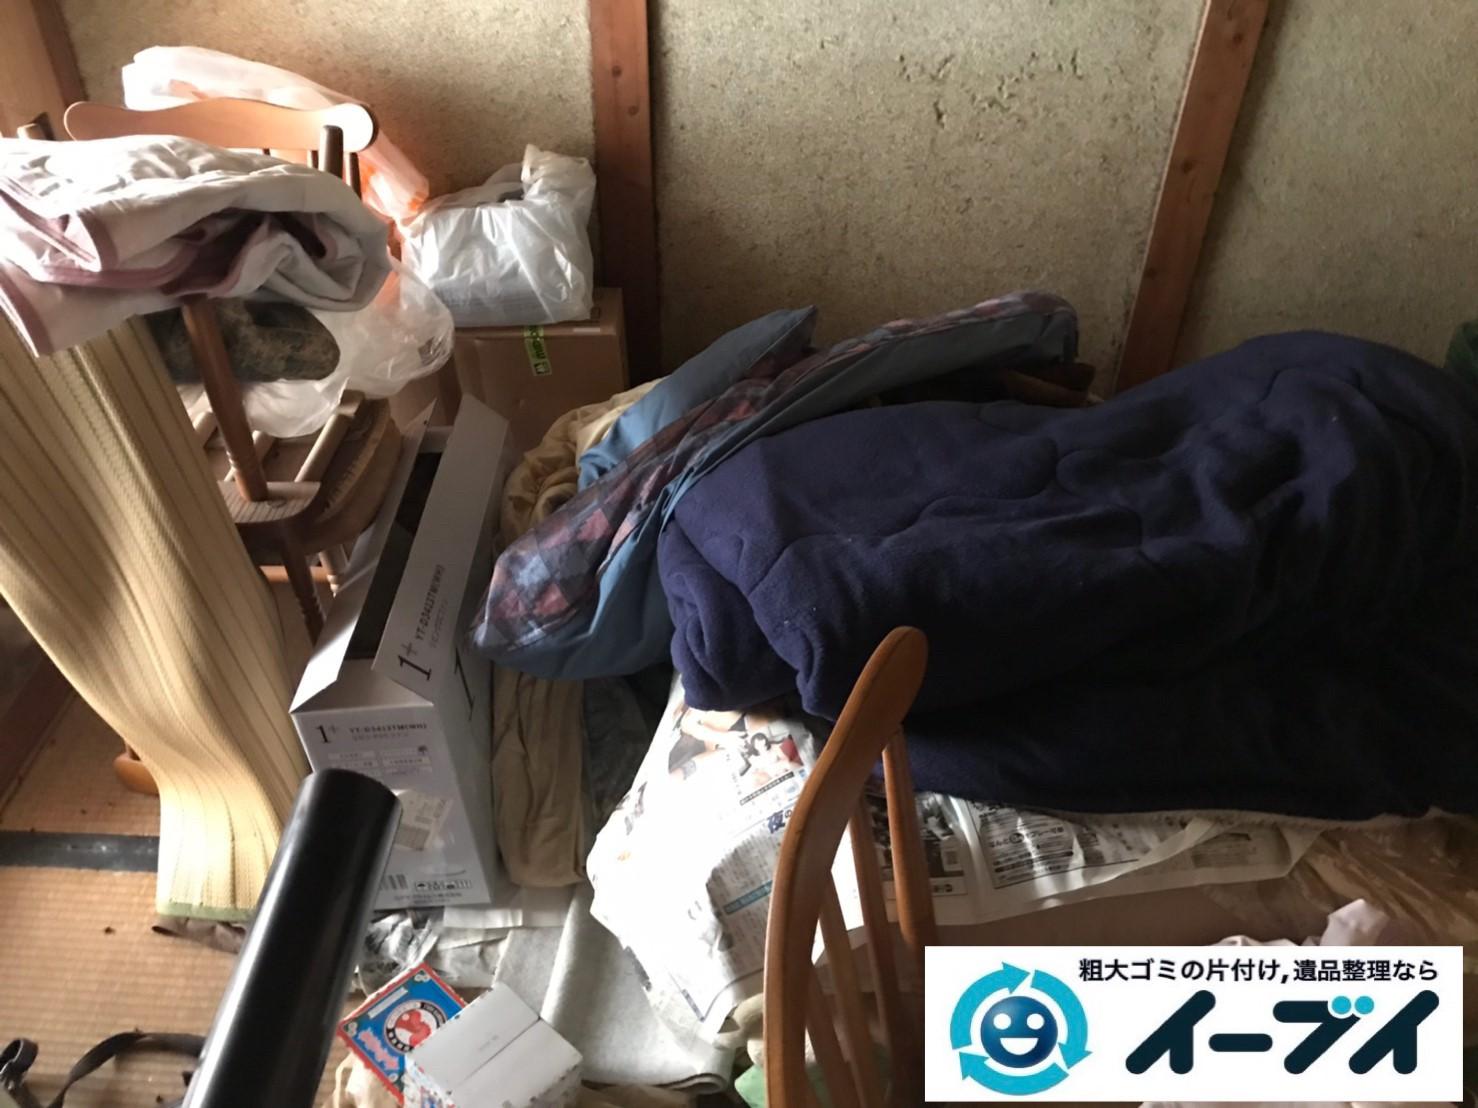 2019年11月21日大阪府大阪市北区で引越しに伴い、椅子やベッドなどの引越しゴミの不用品回収。写真1